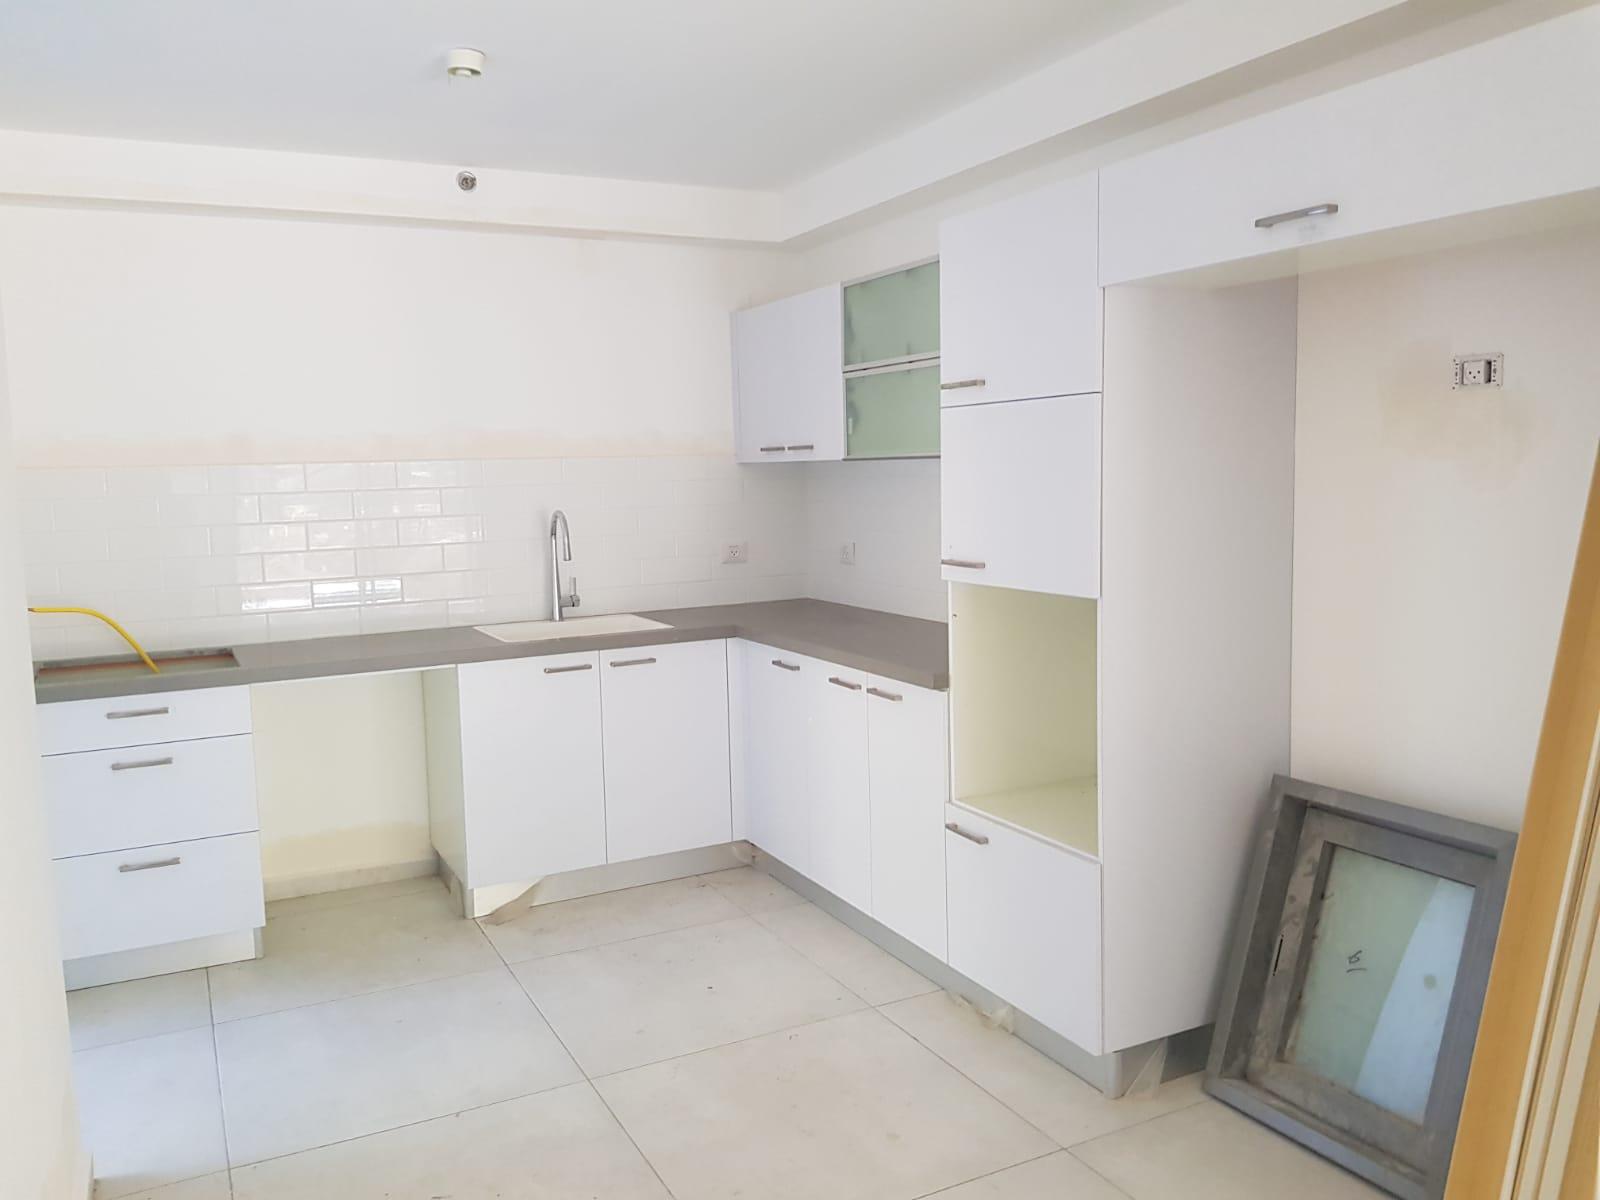 4 bedroom garden apartment